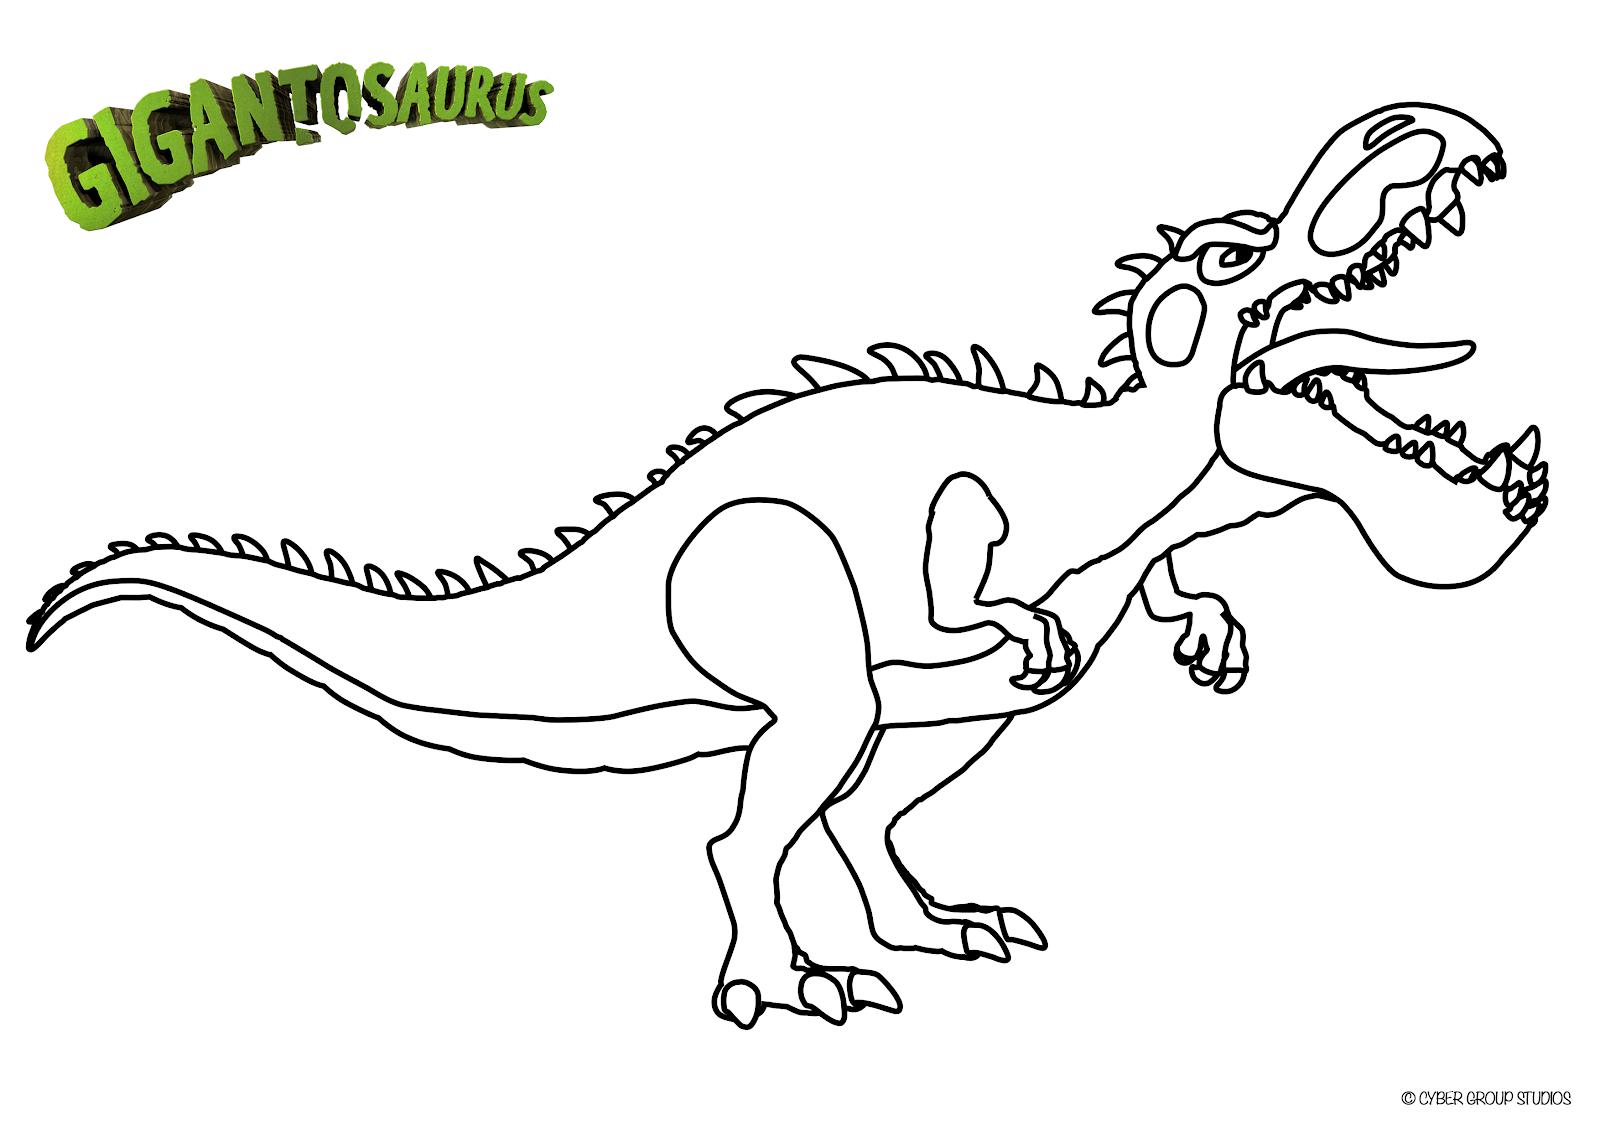 Gigantosaurus on Disney Junior